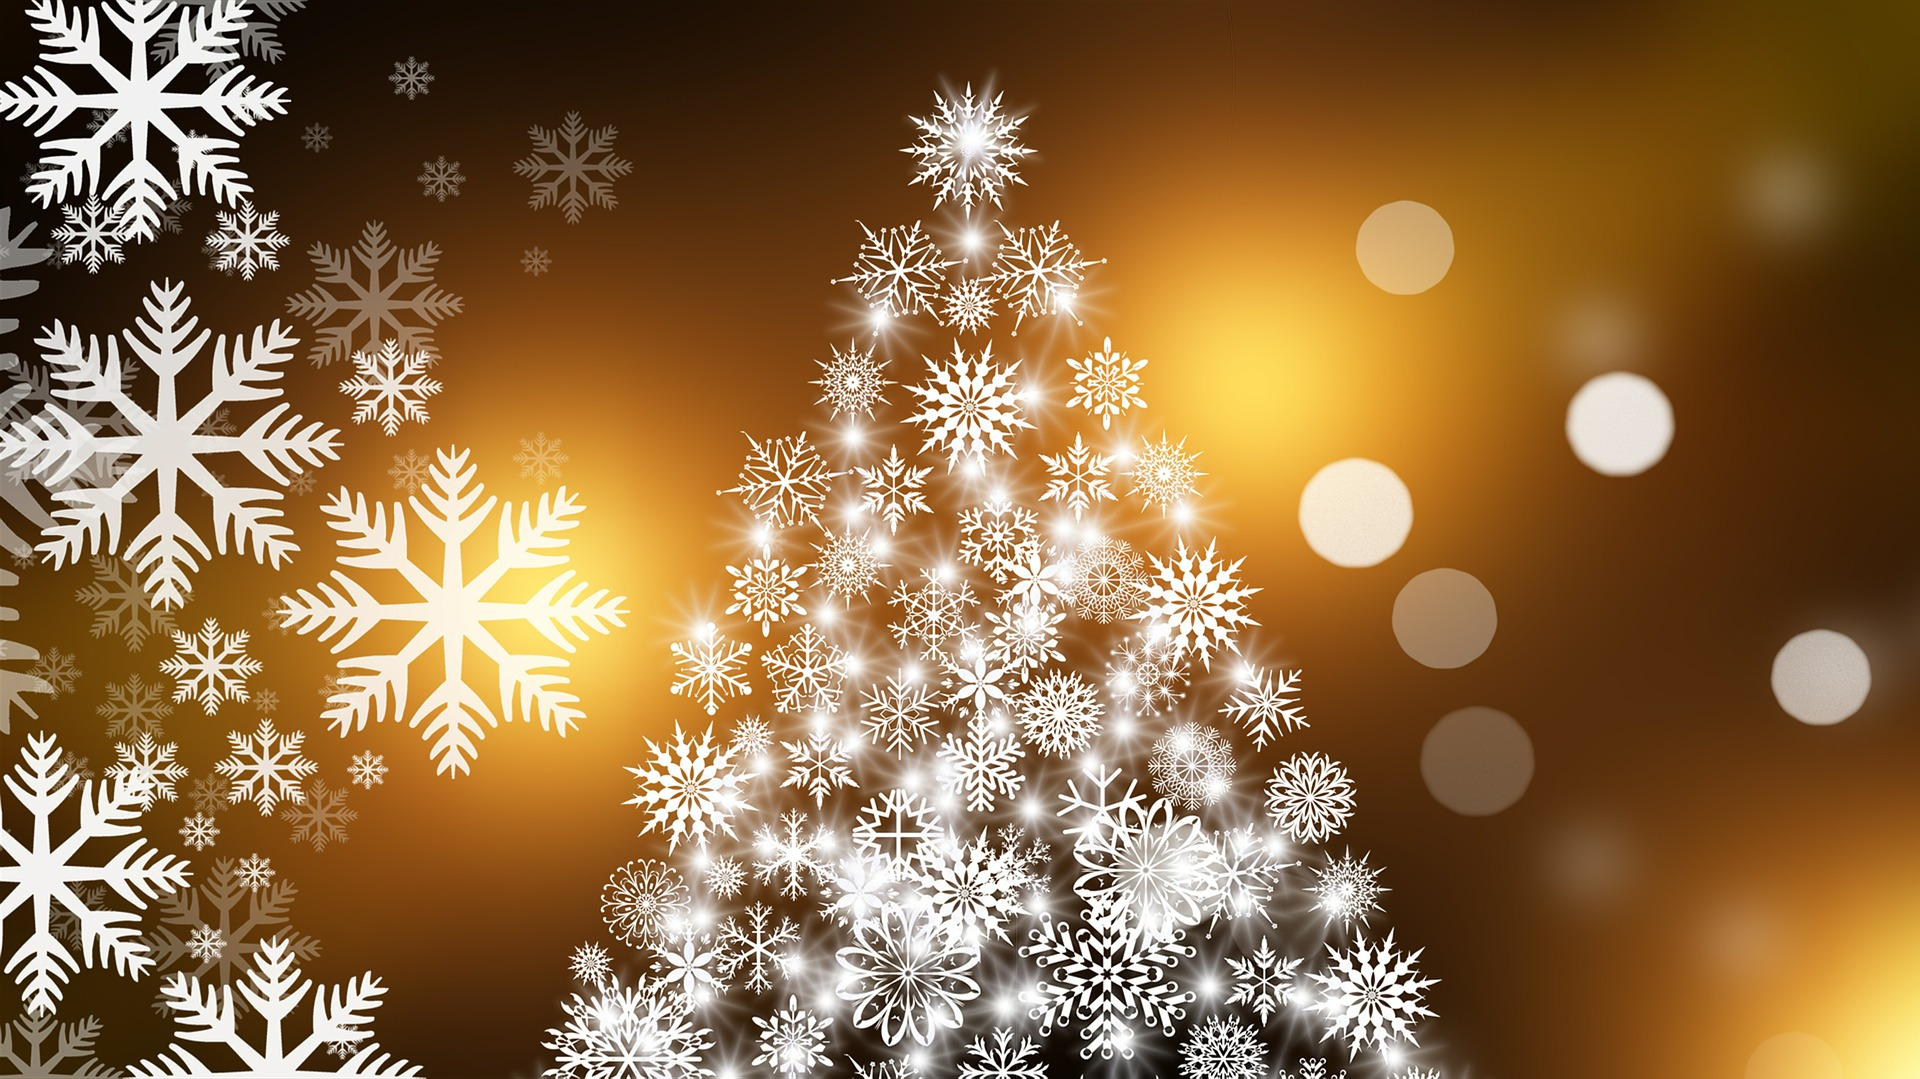 n-ails wünscht schöne Weihnachten